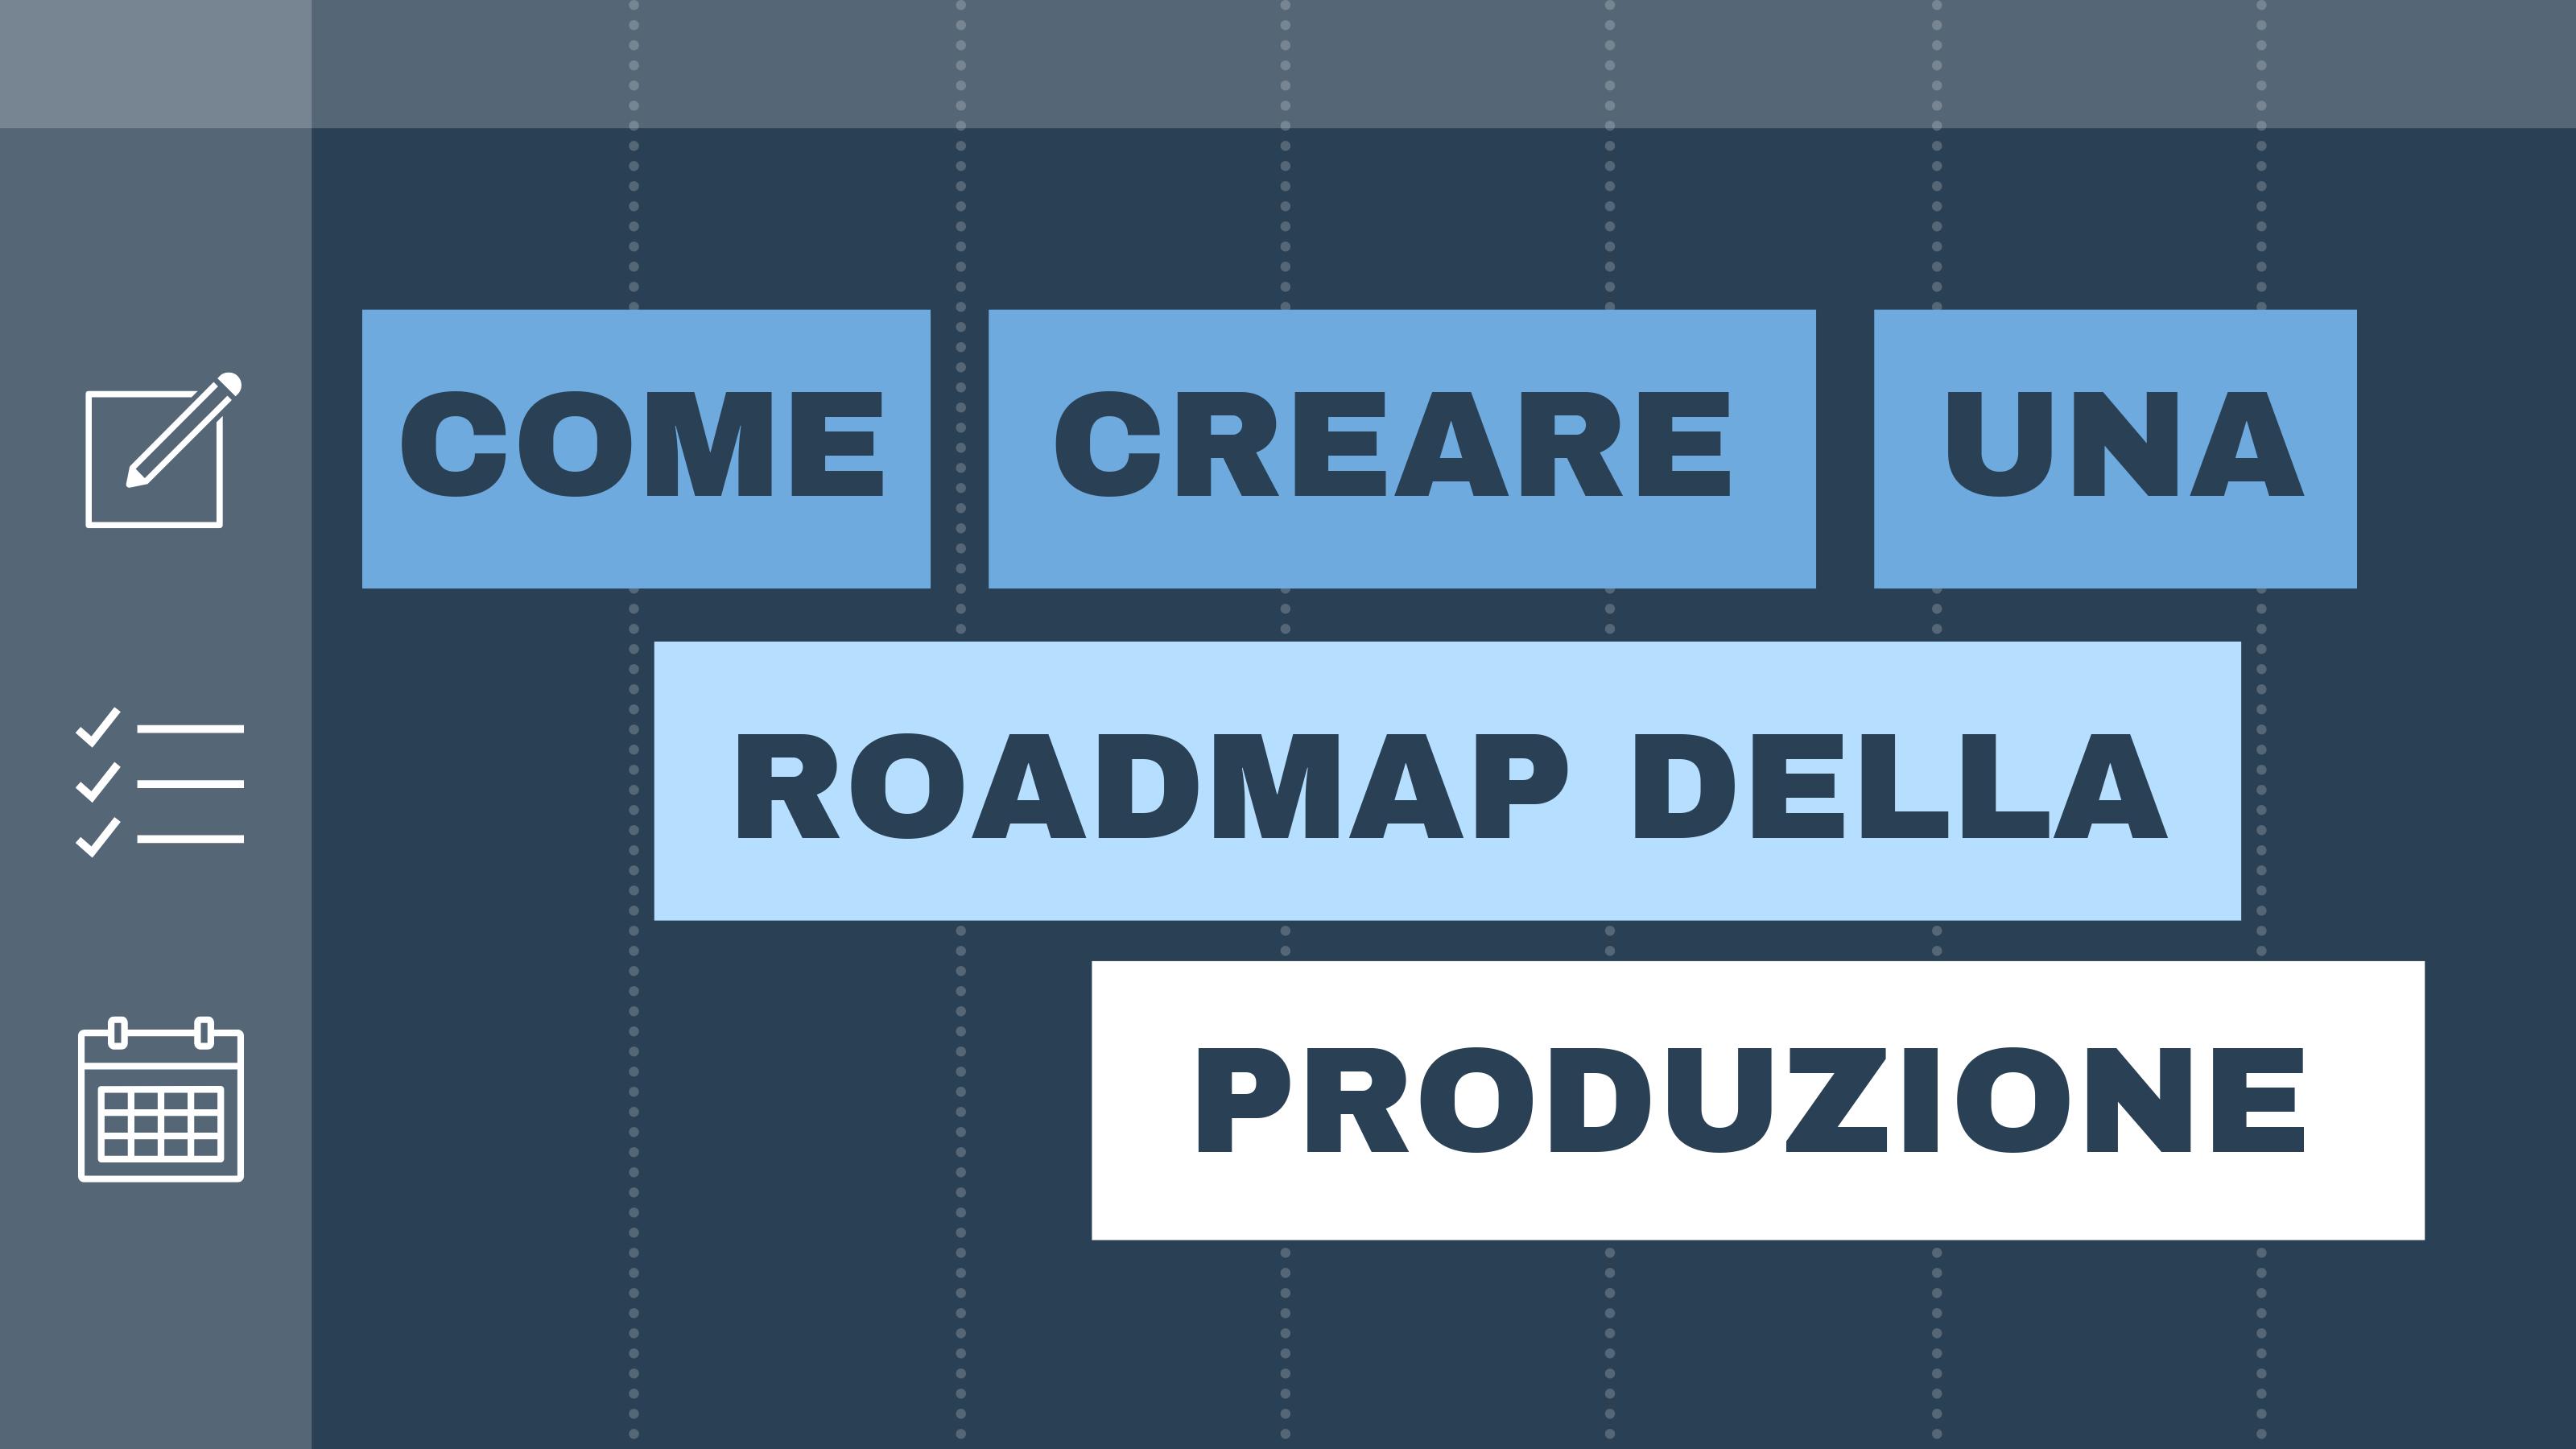 Come creare una roadmap della produzione